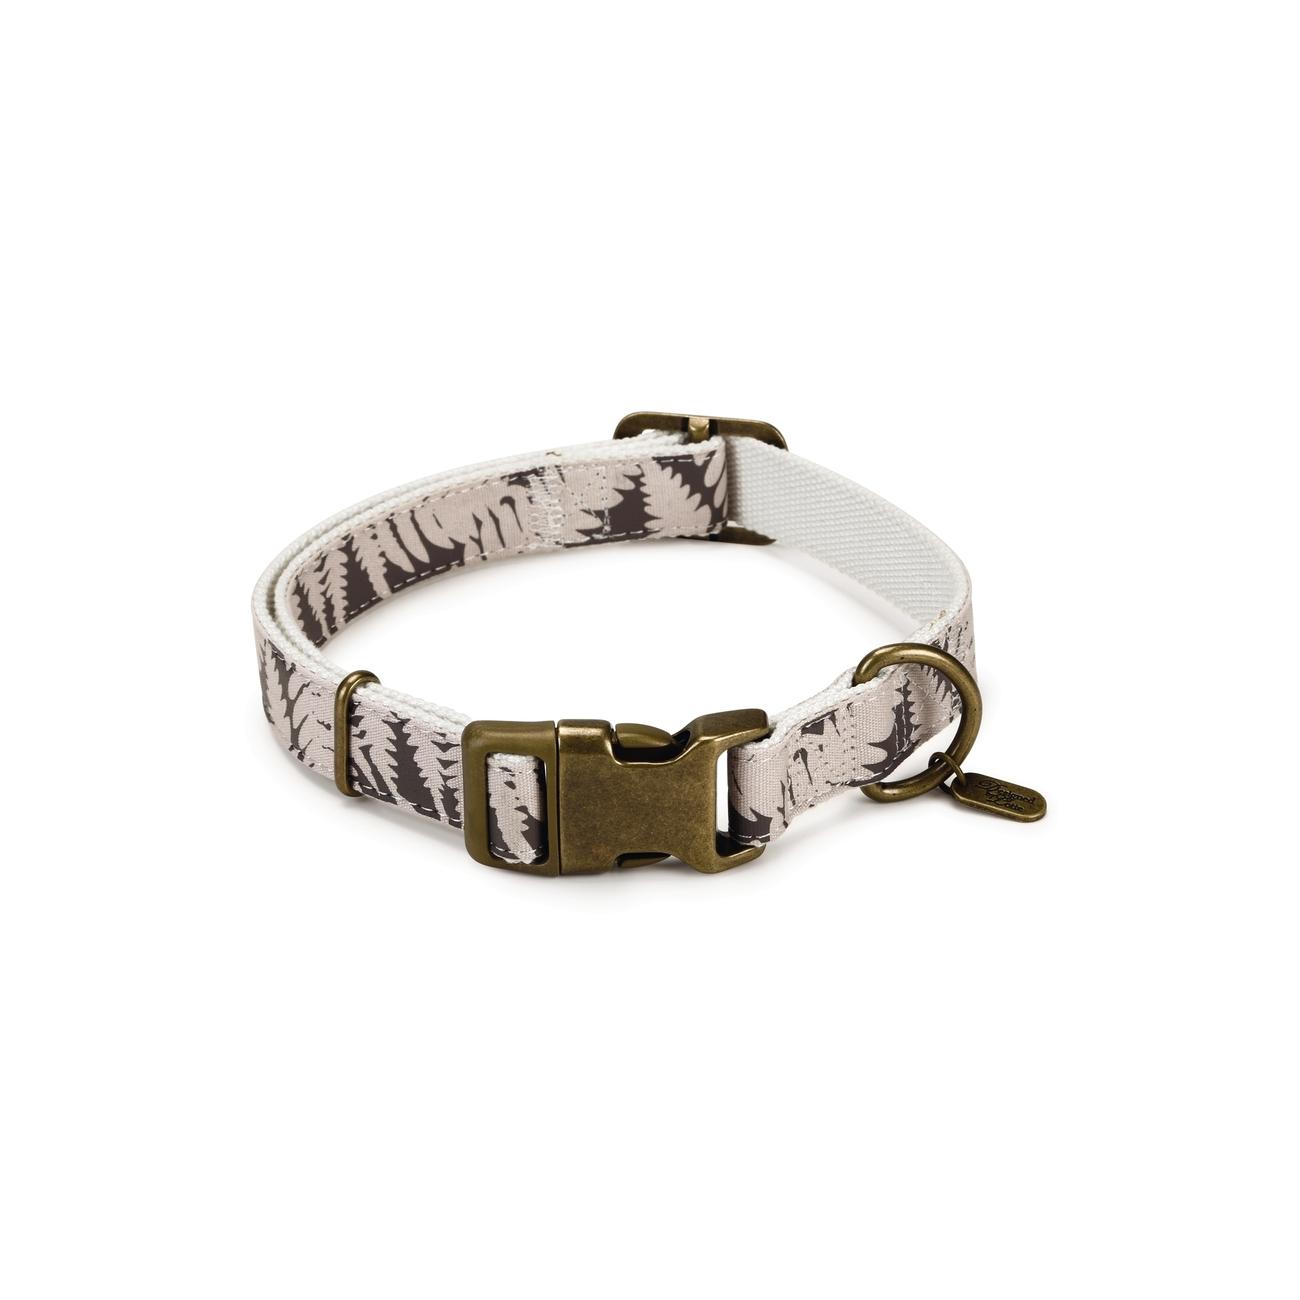 Designed By Lotte - Oribo Halsband oder Leine aus Nylon, Bild 9